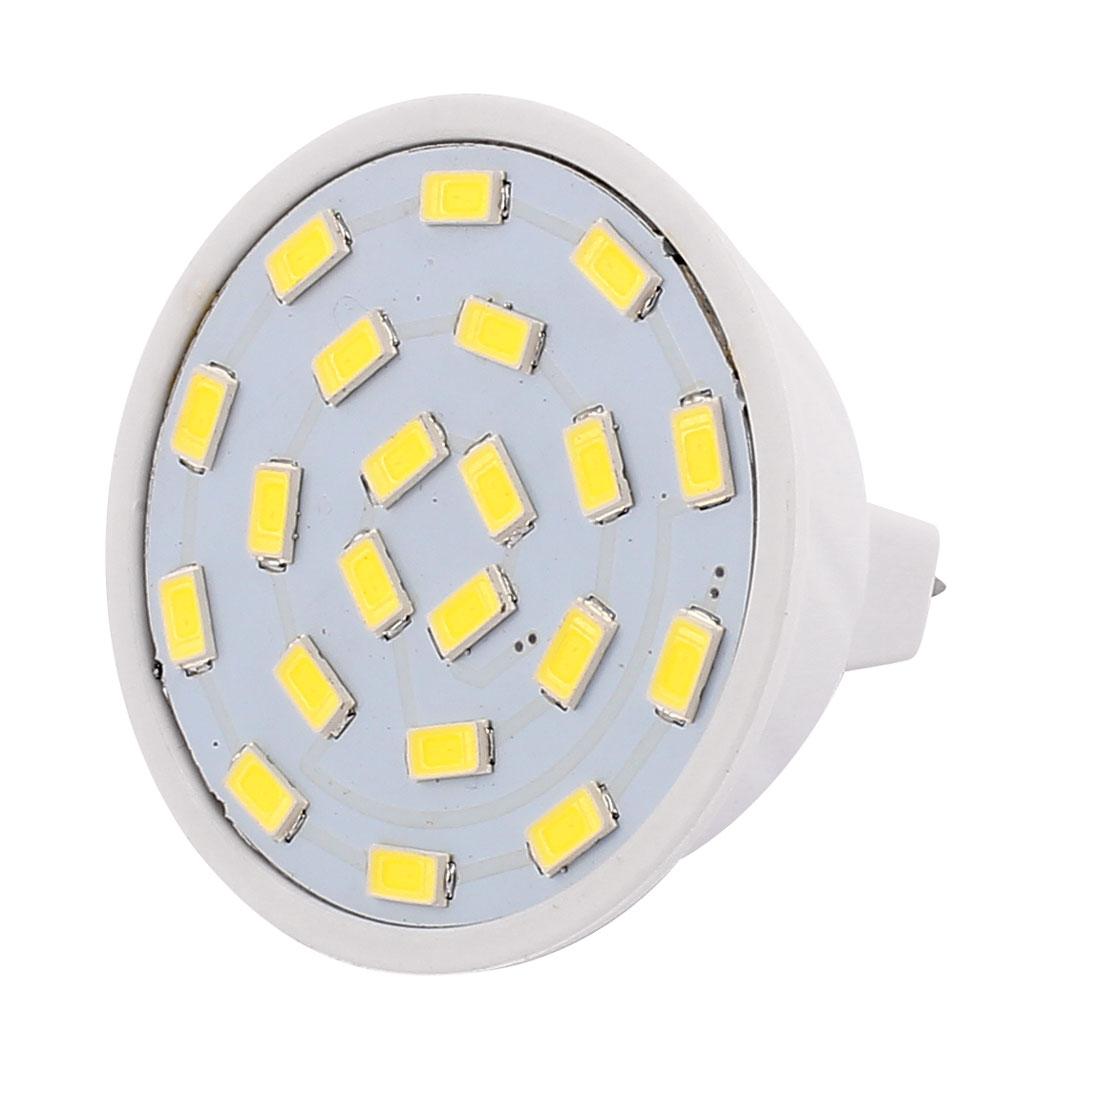 220V 5W MR16 5730 SMD 21 LEDs LED Bulb Light Spotlight Lamp Lighting White